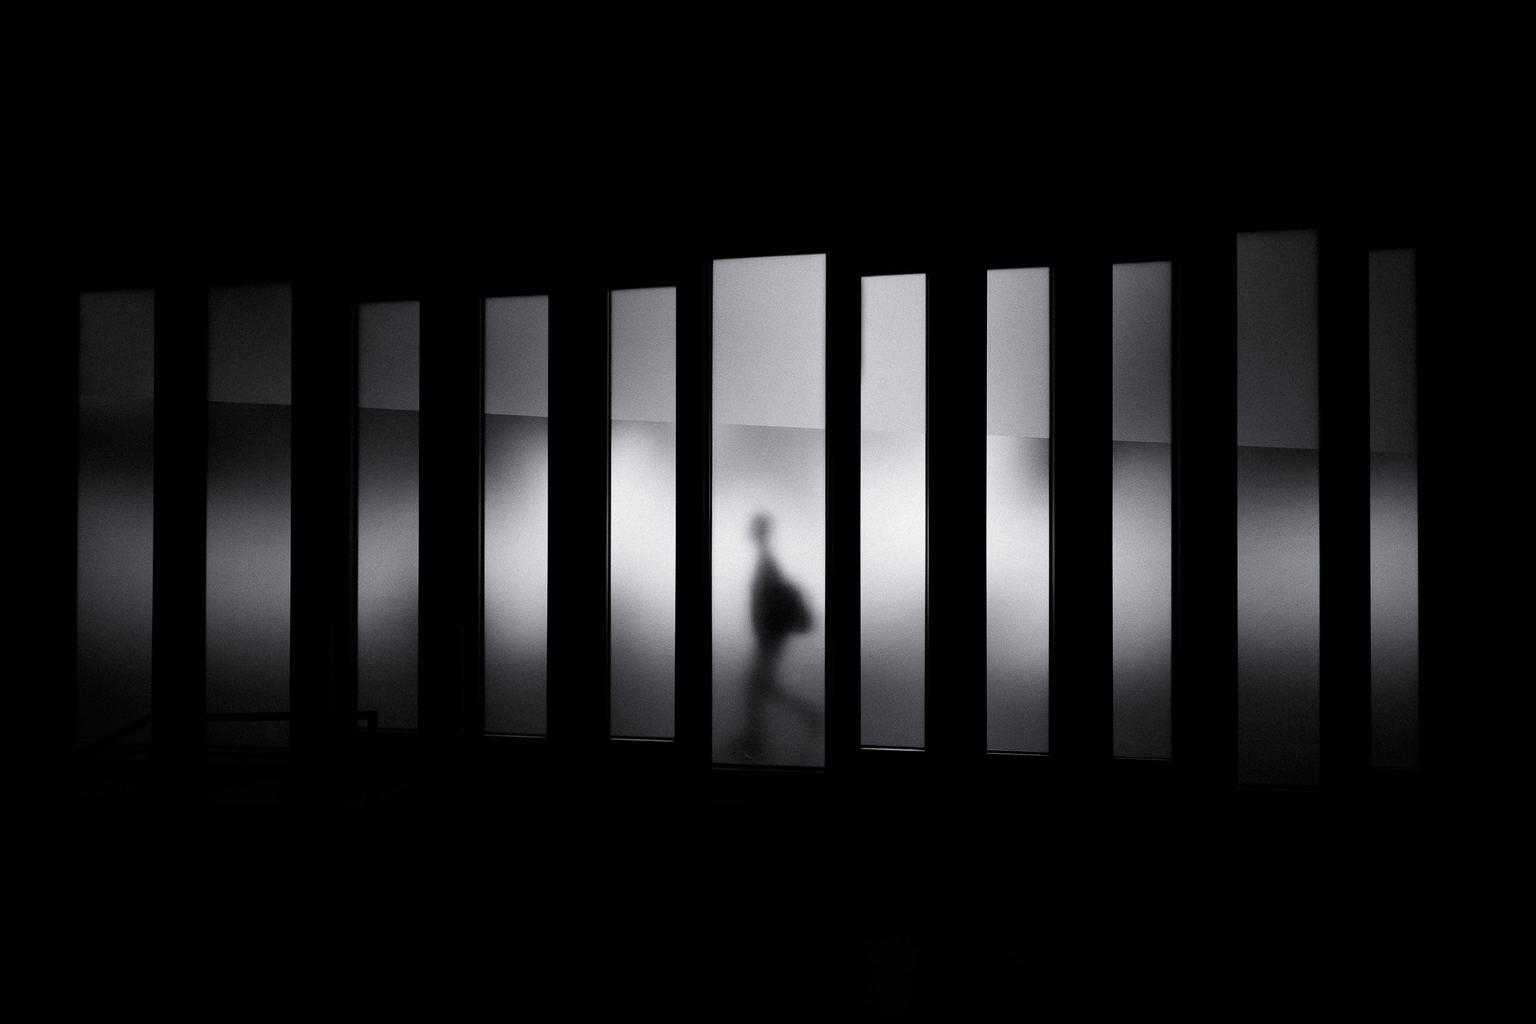 fotografía blanco y negro un hombre caminando